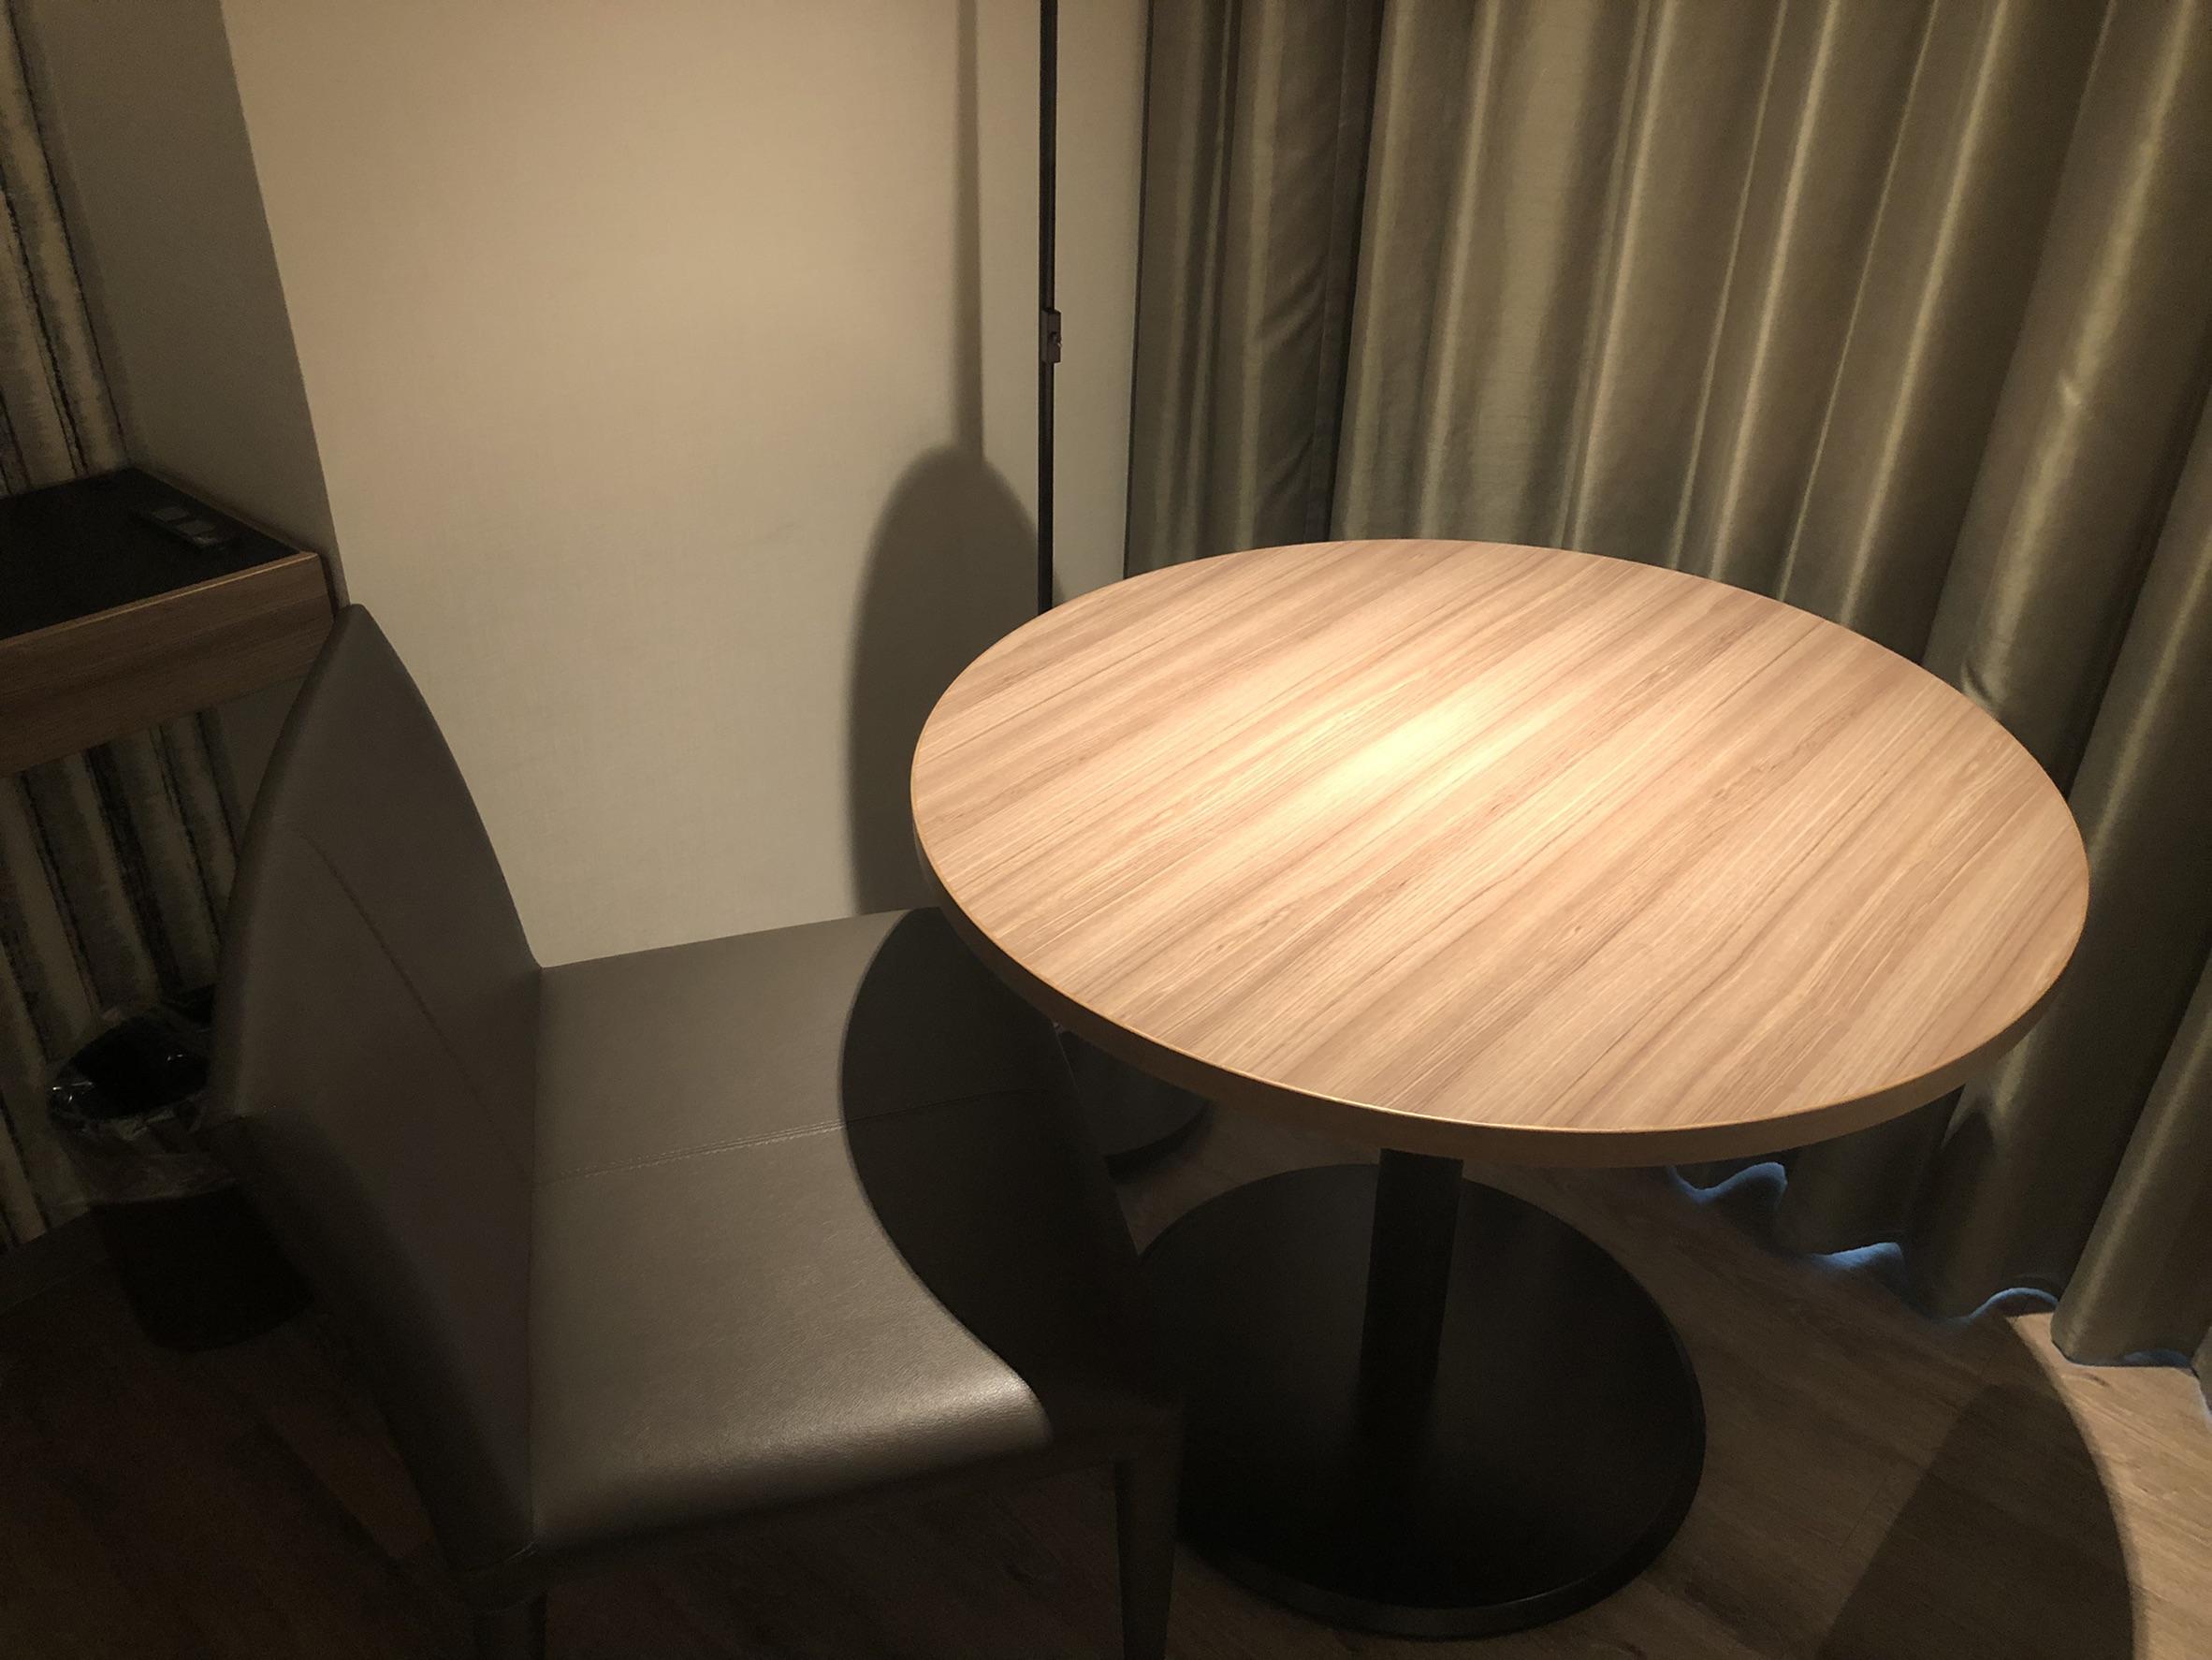 琵琶湖マリオット・ホテル宿泊ブログレビュー!ラウンジ・朝食・アップグレードなど大量写真で書いてみた!